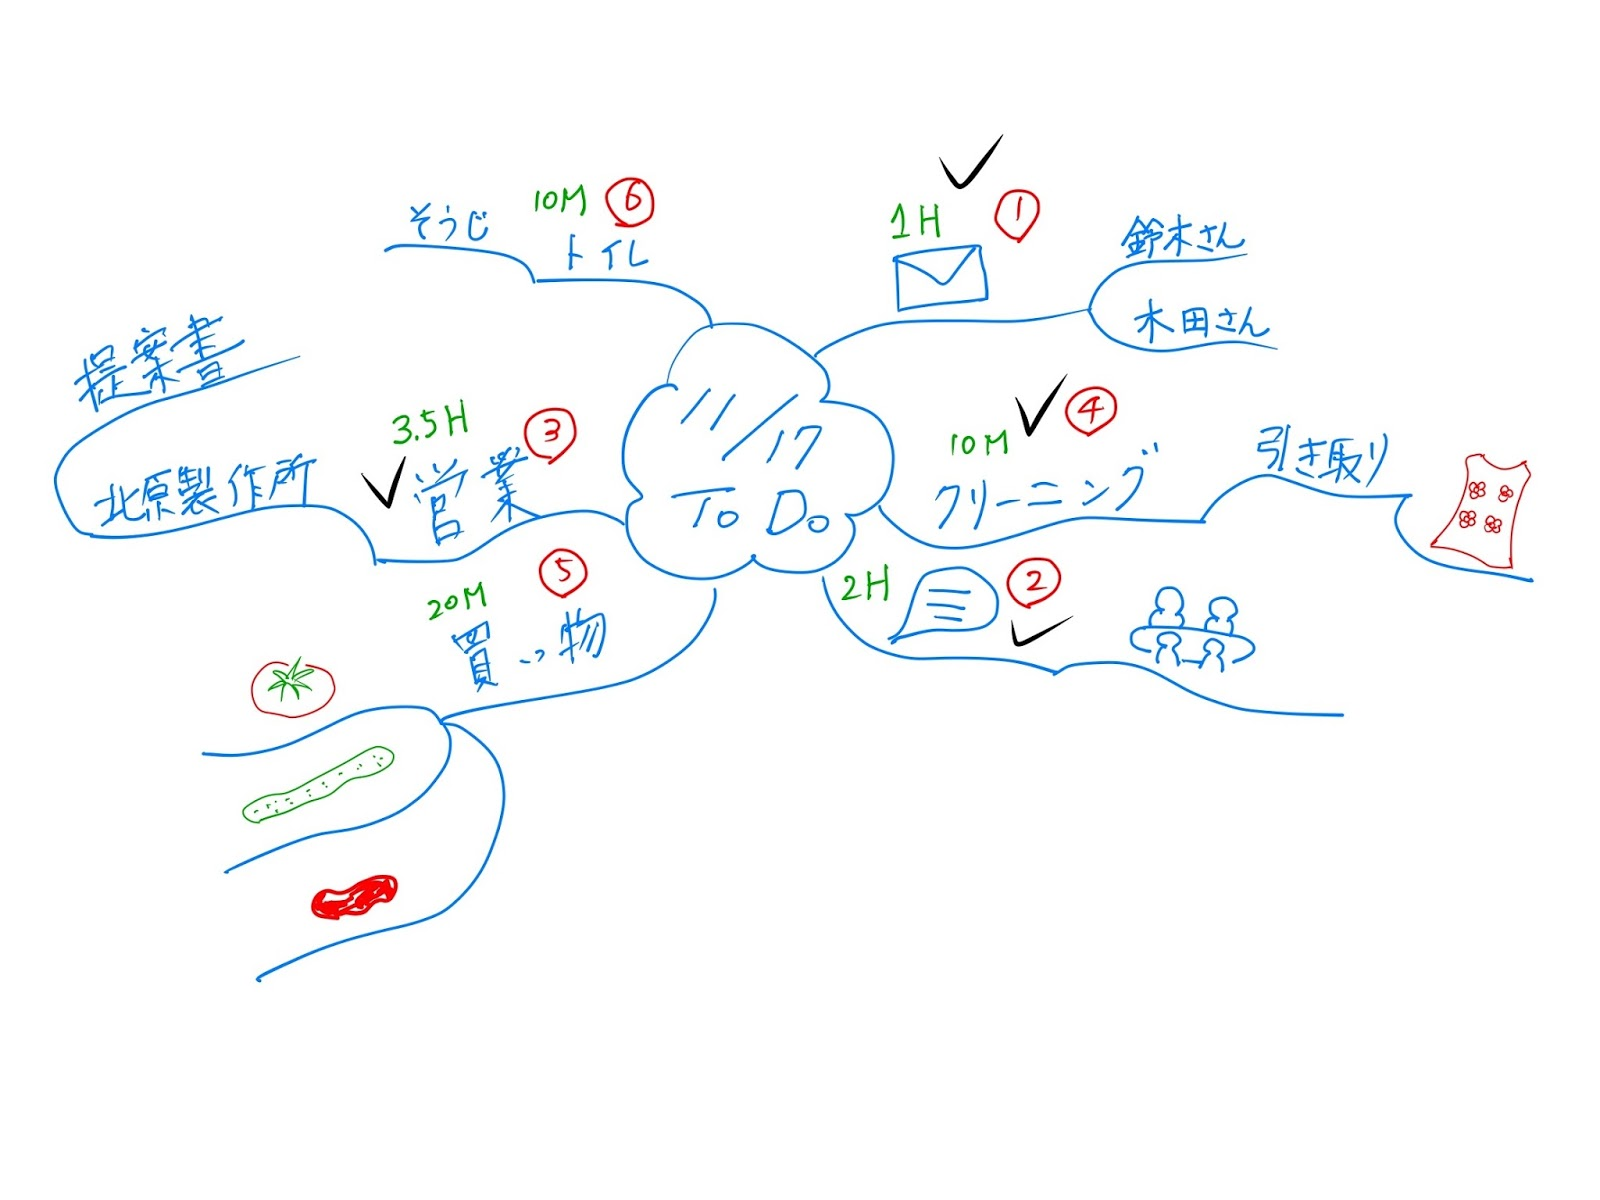 マインドマップの使い方 1日のtodo マインドマップの学校